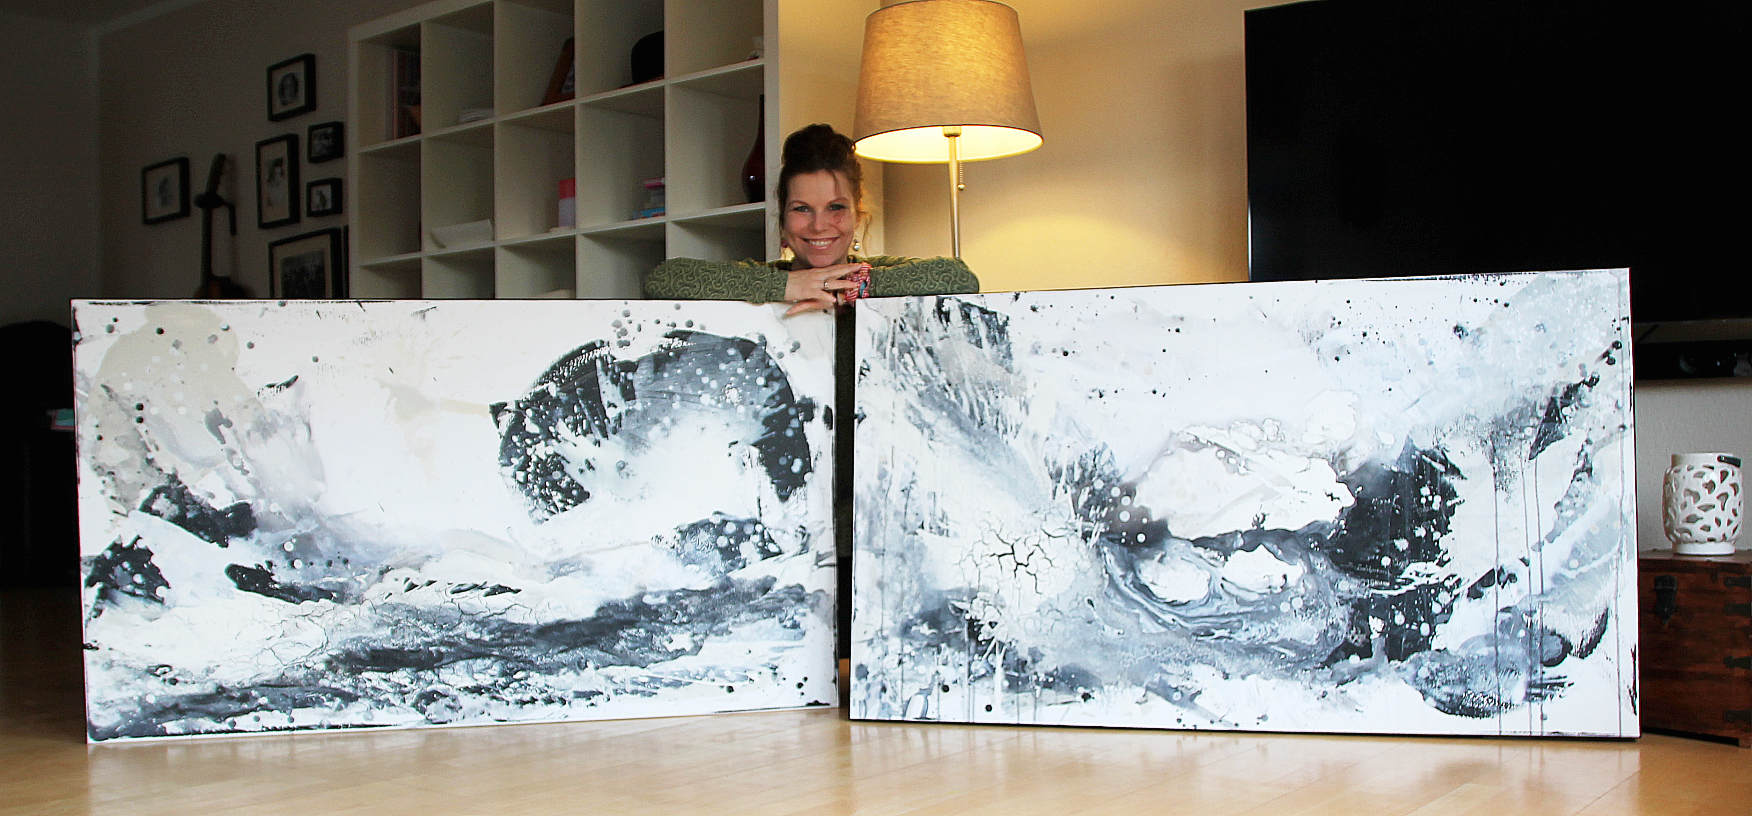 künstlerin bilder in schwarzweiss